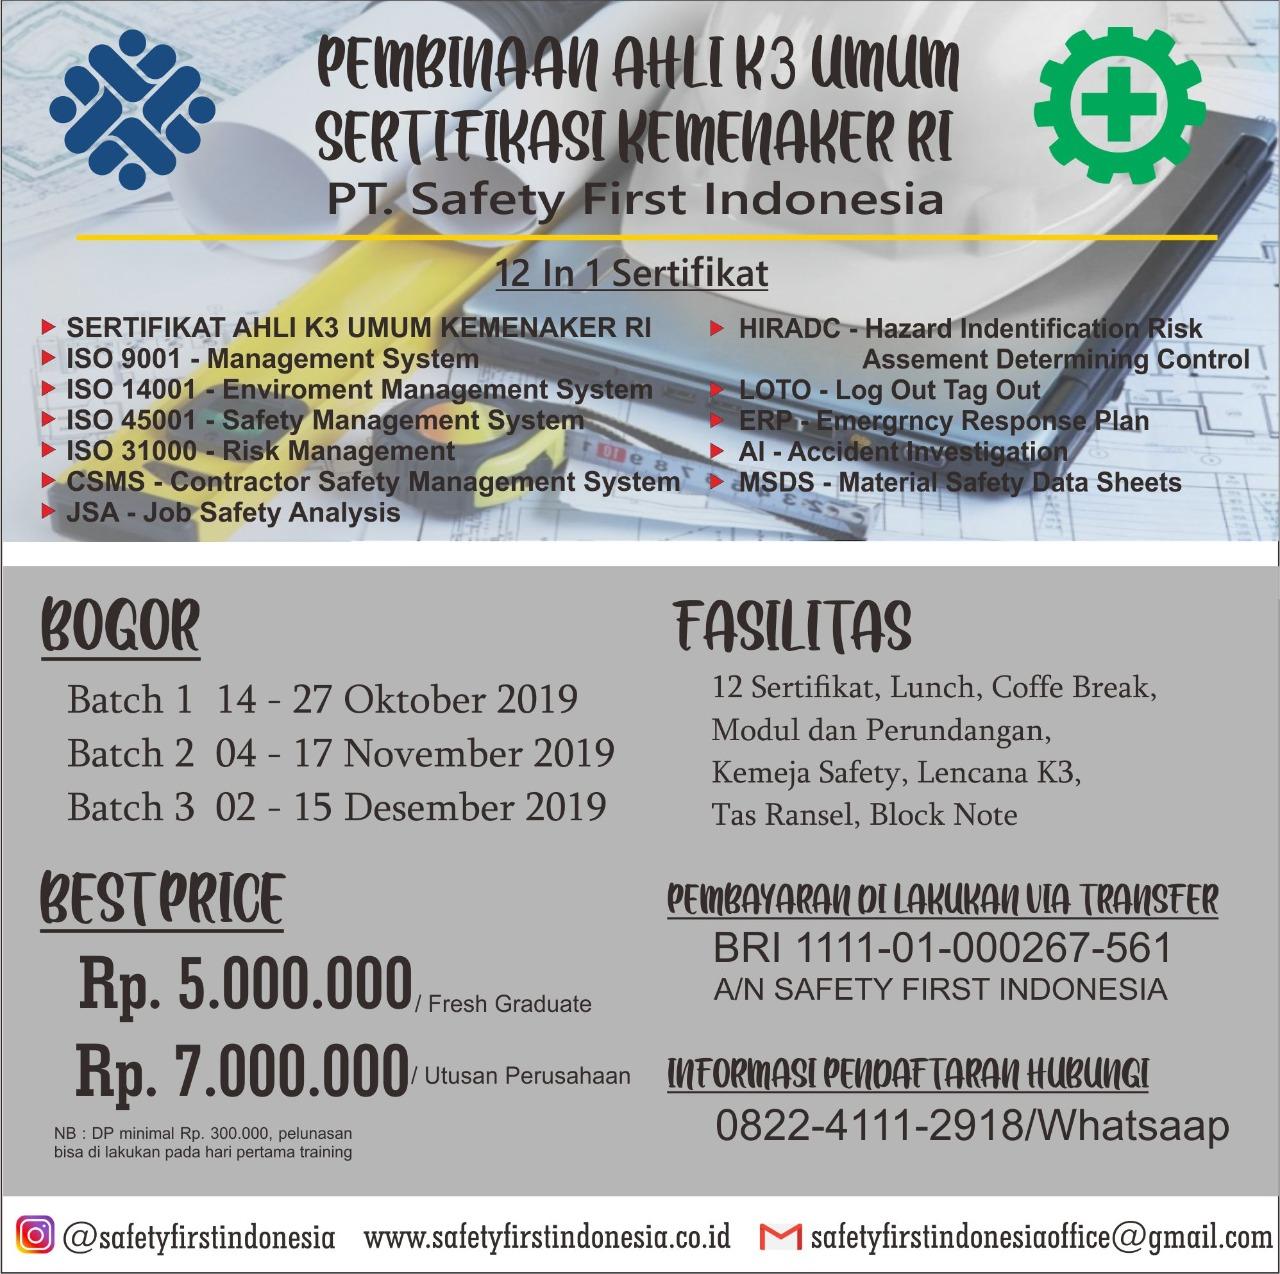 Pembinaan ahli k3 umum wilayah Bogor